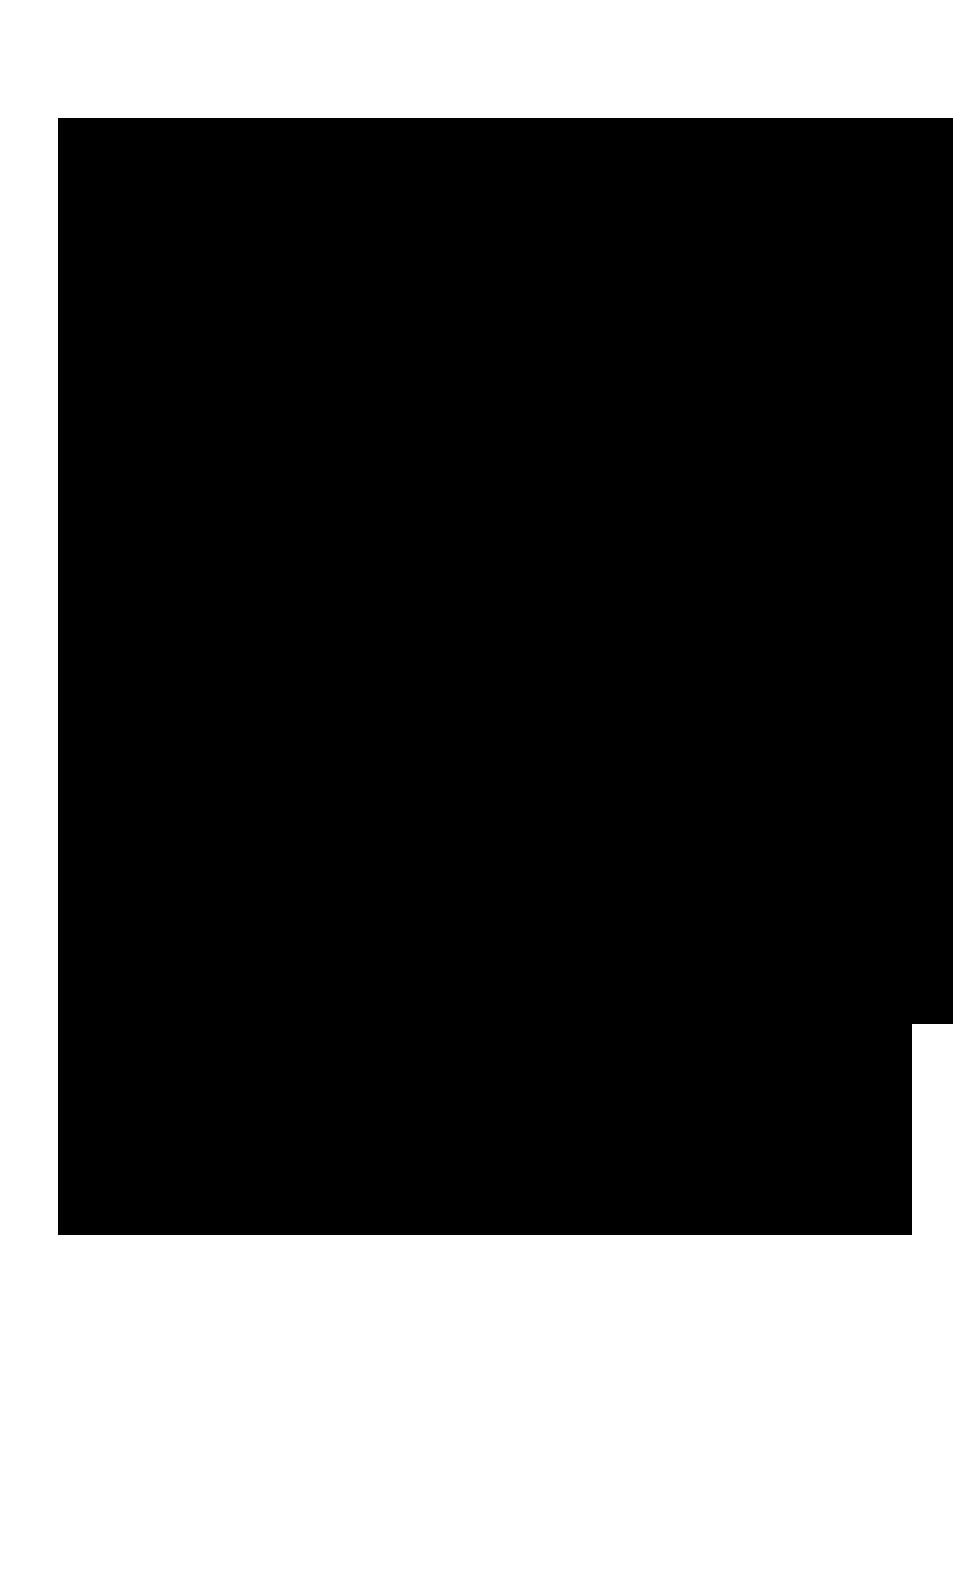 第4グループロータリークラブ系統図